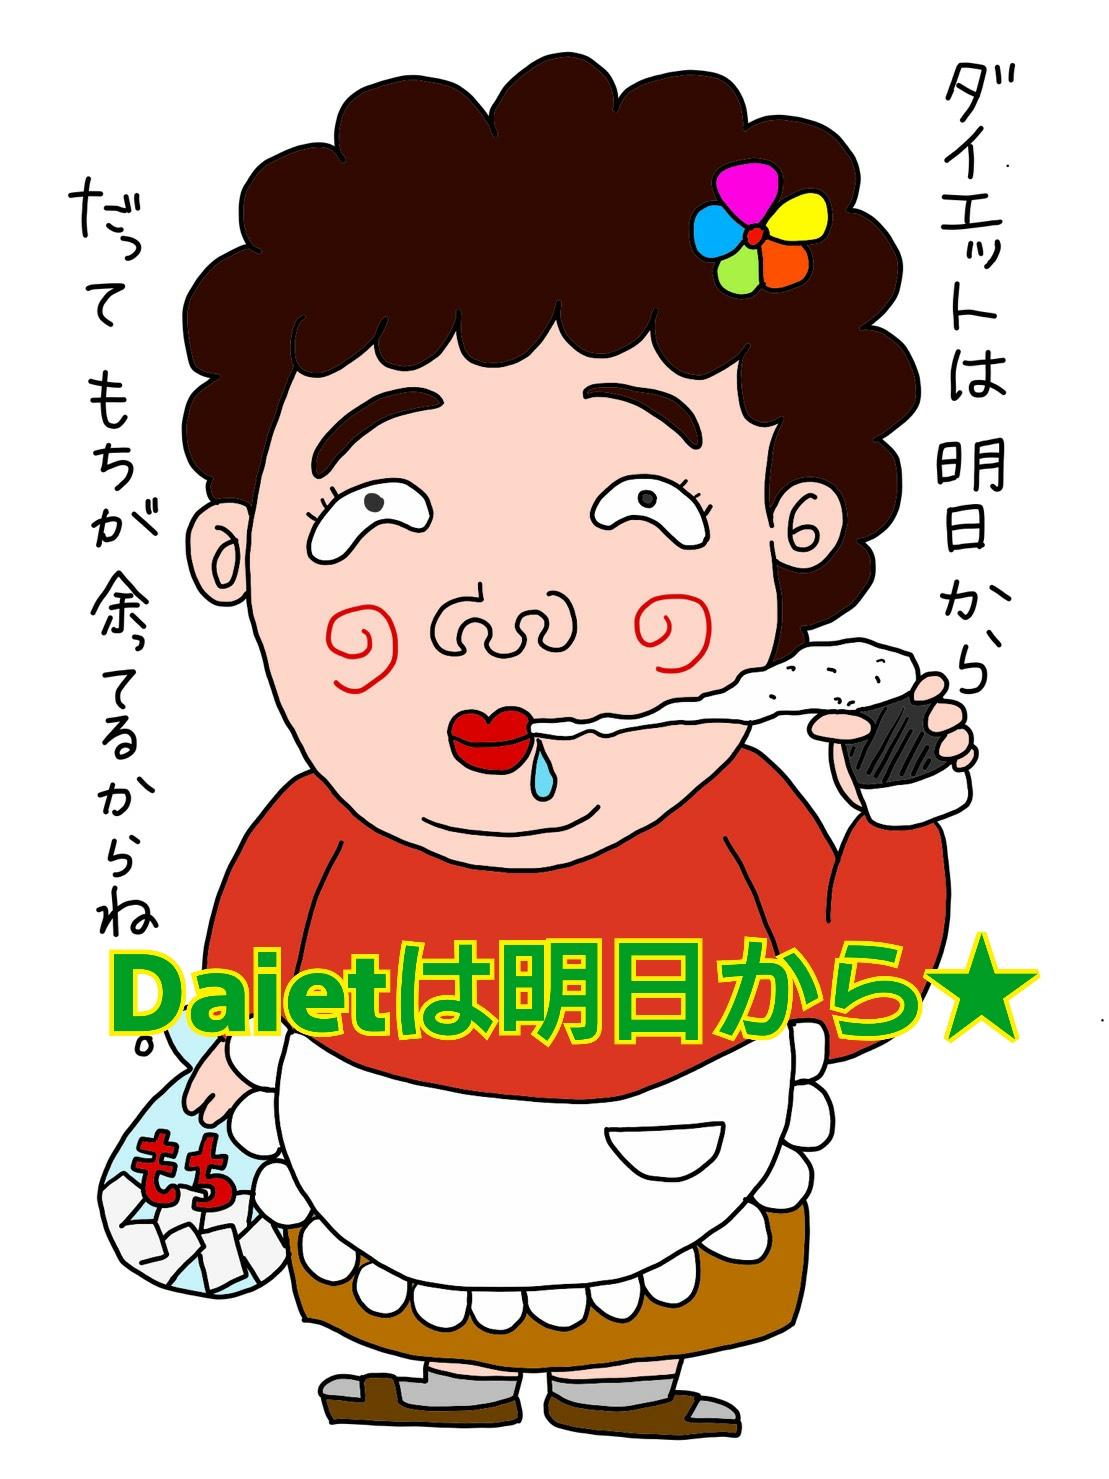 ダイエットは明日から★【オリジナルイラスト】